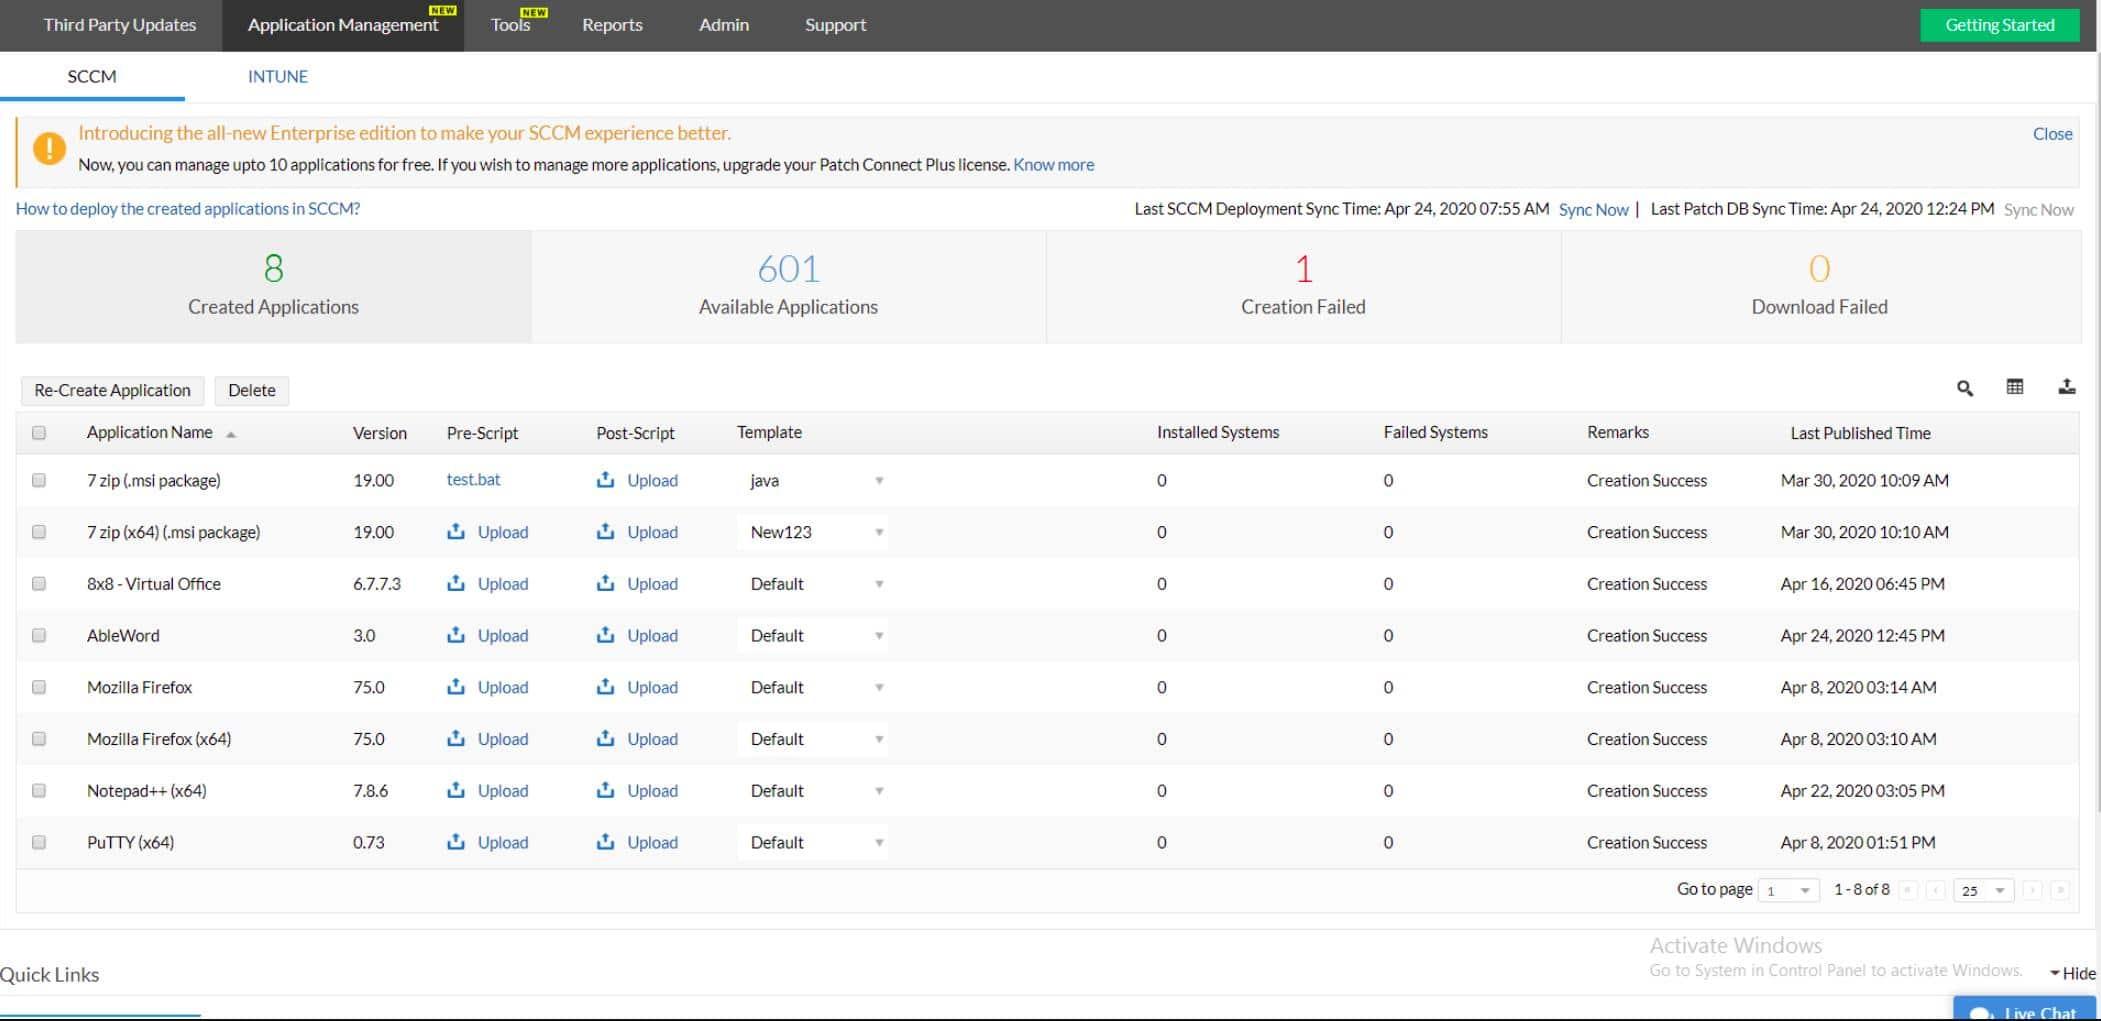 ManageEngine Patch Connect Plus SCCM Application Management